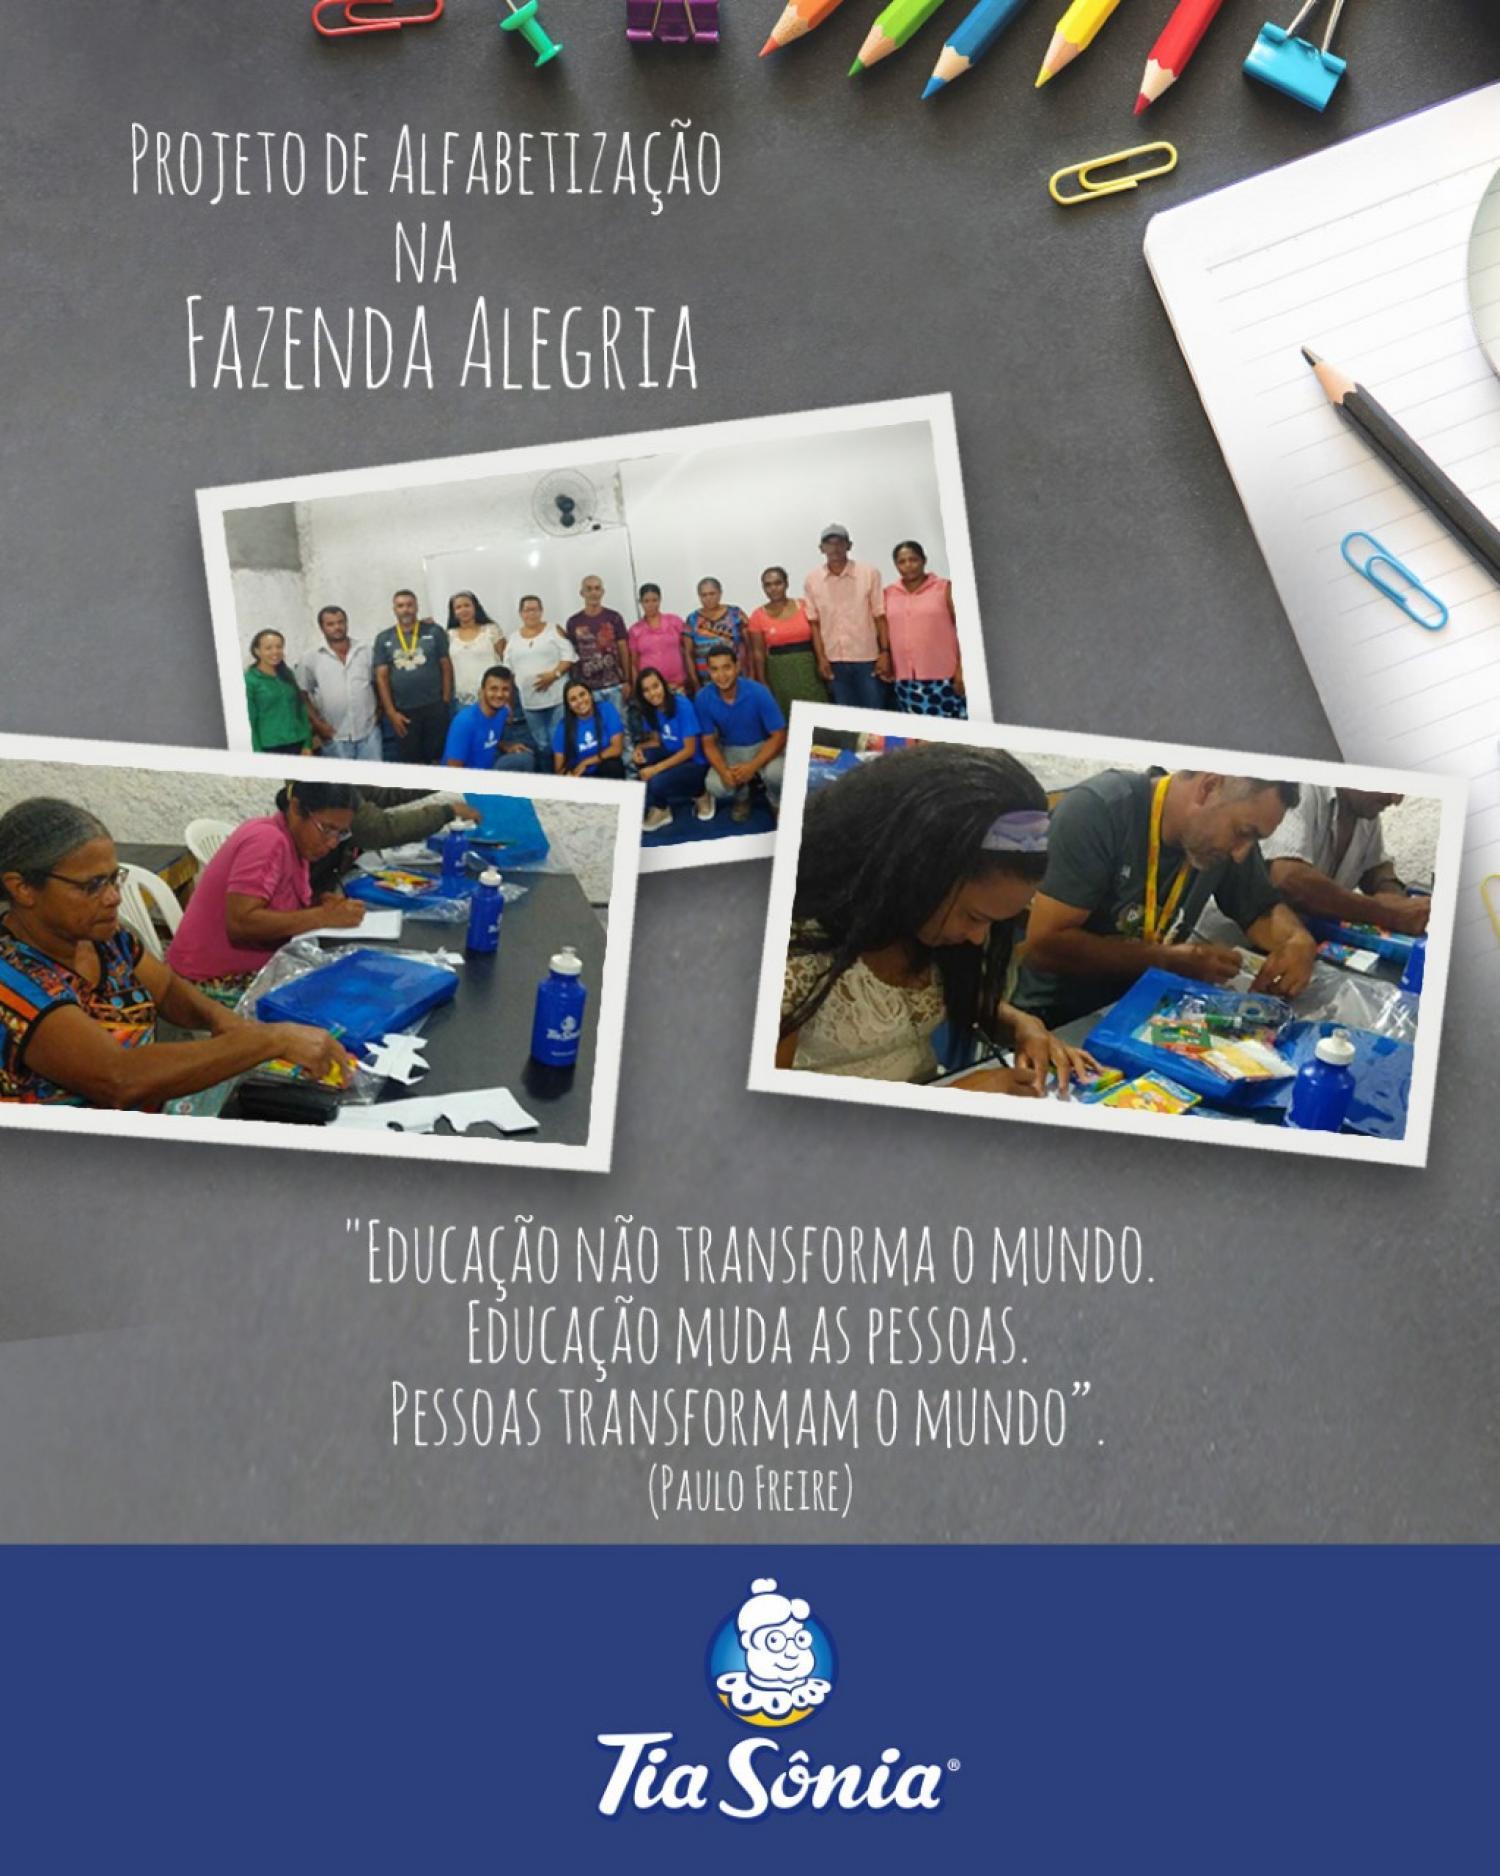 Projeto de Alfabetização da Tia Sônia na Fazenda Alegria